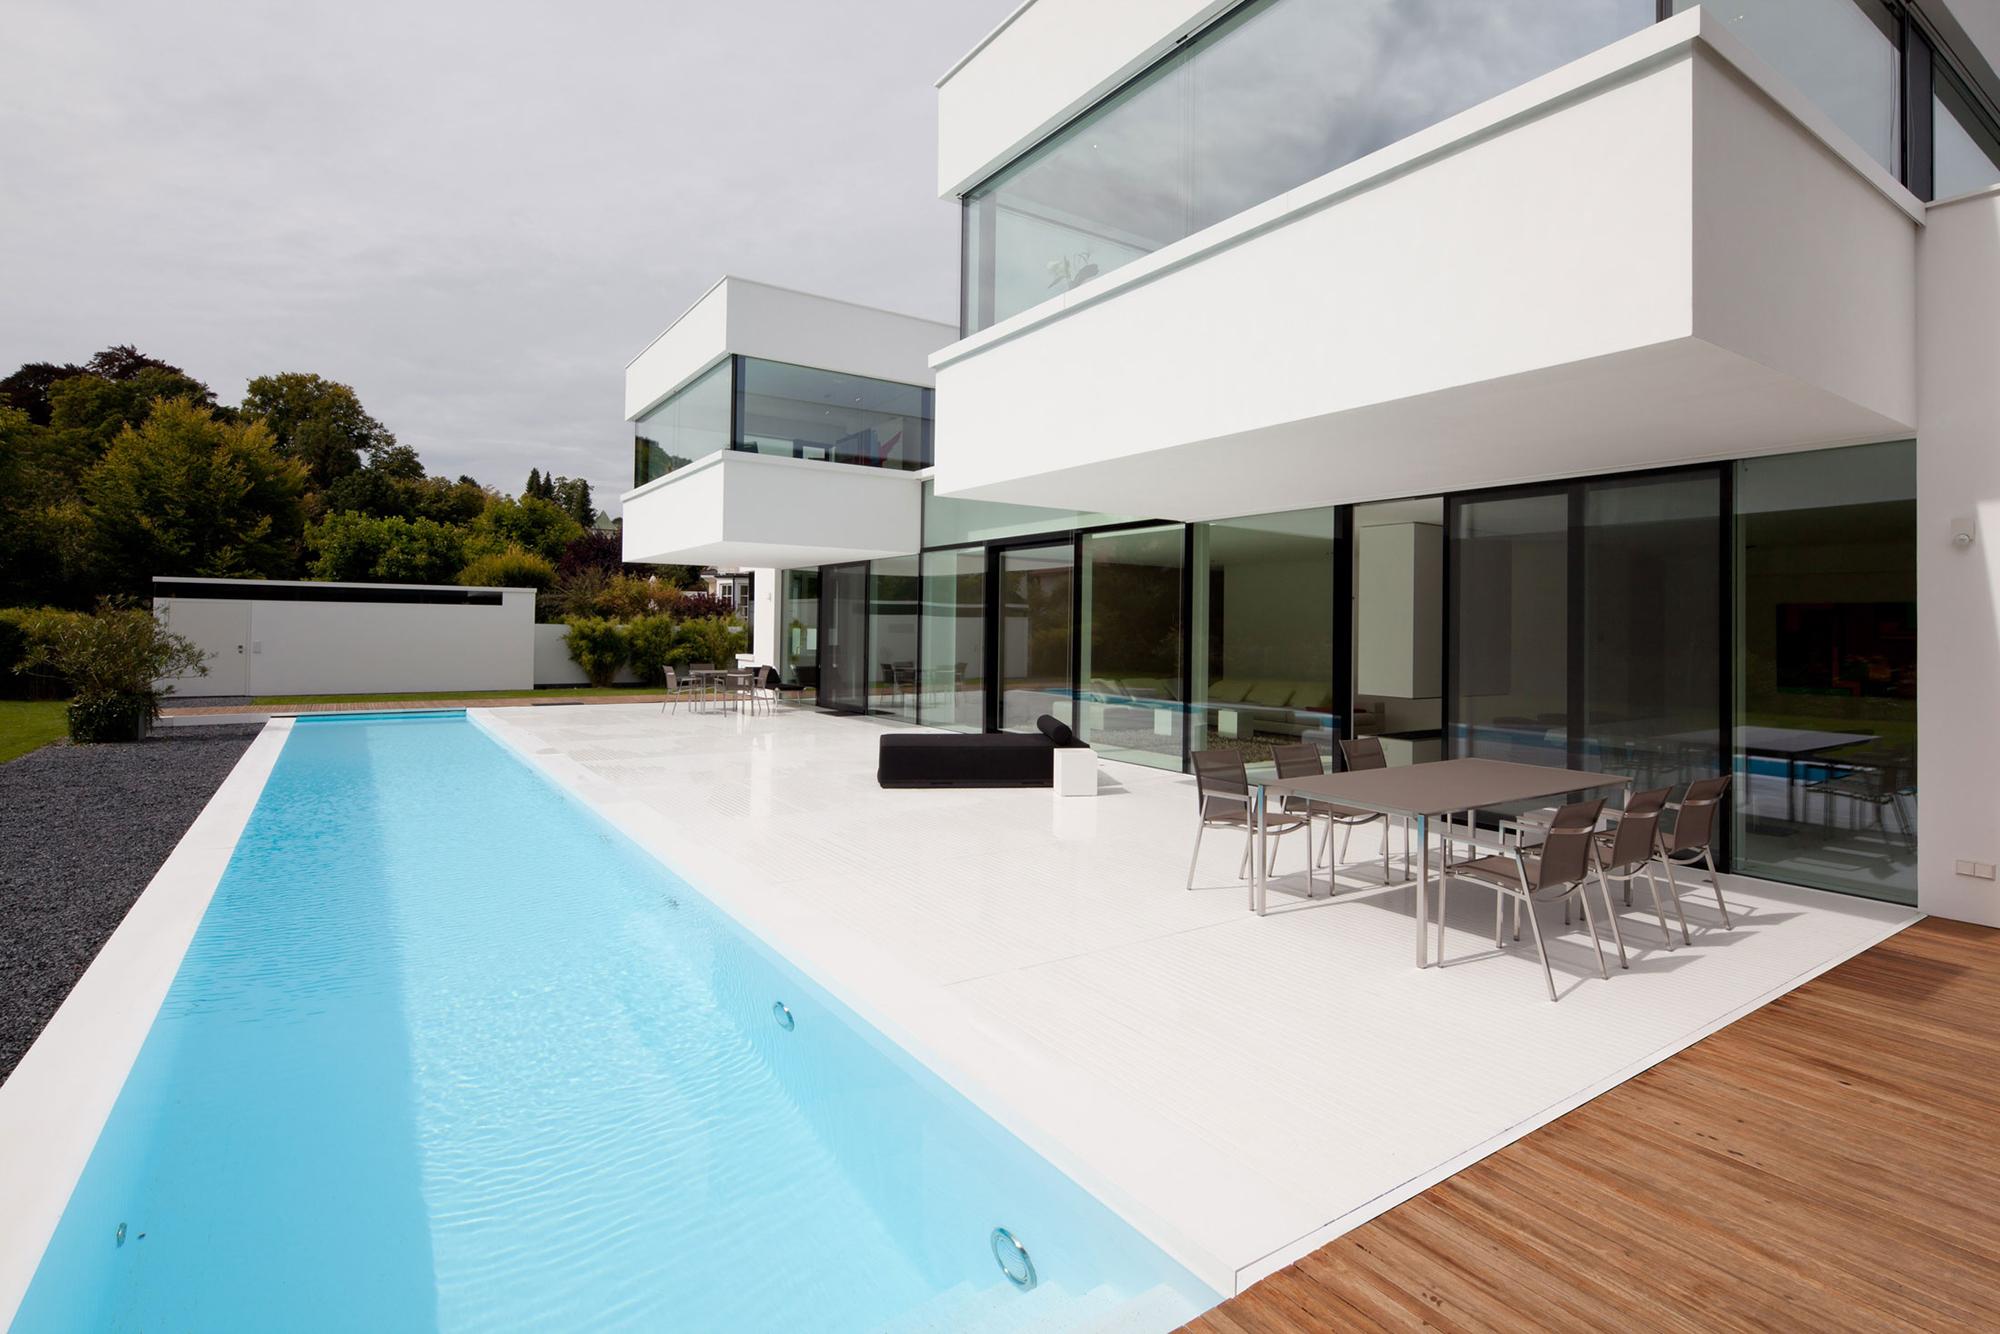 Светлый дом в стиле хай-тек с плоской крышей